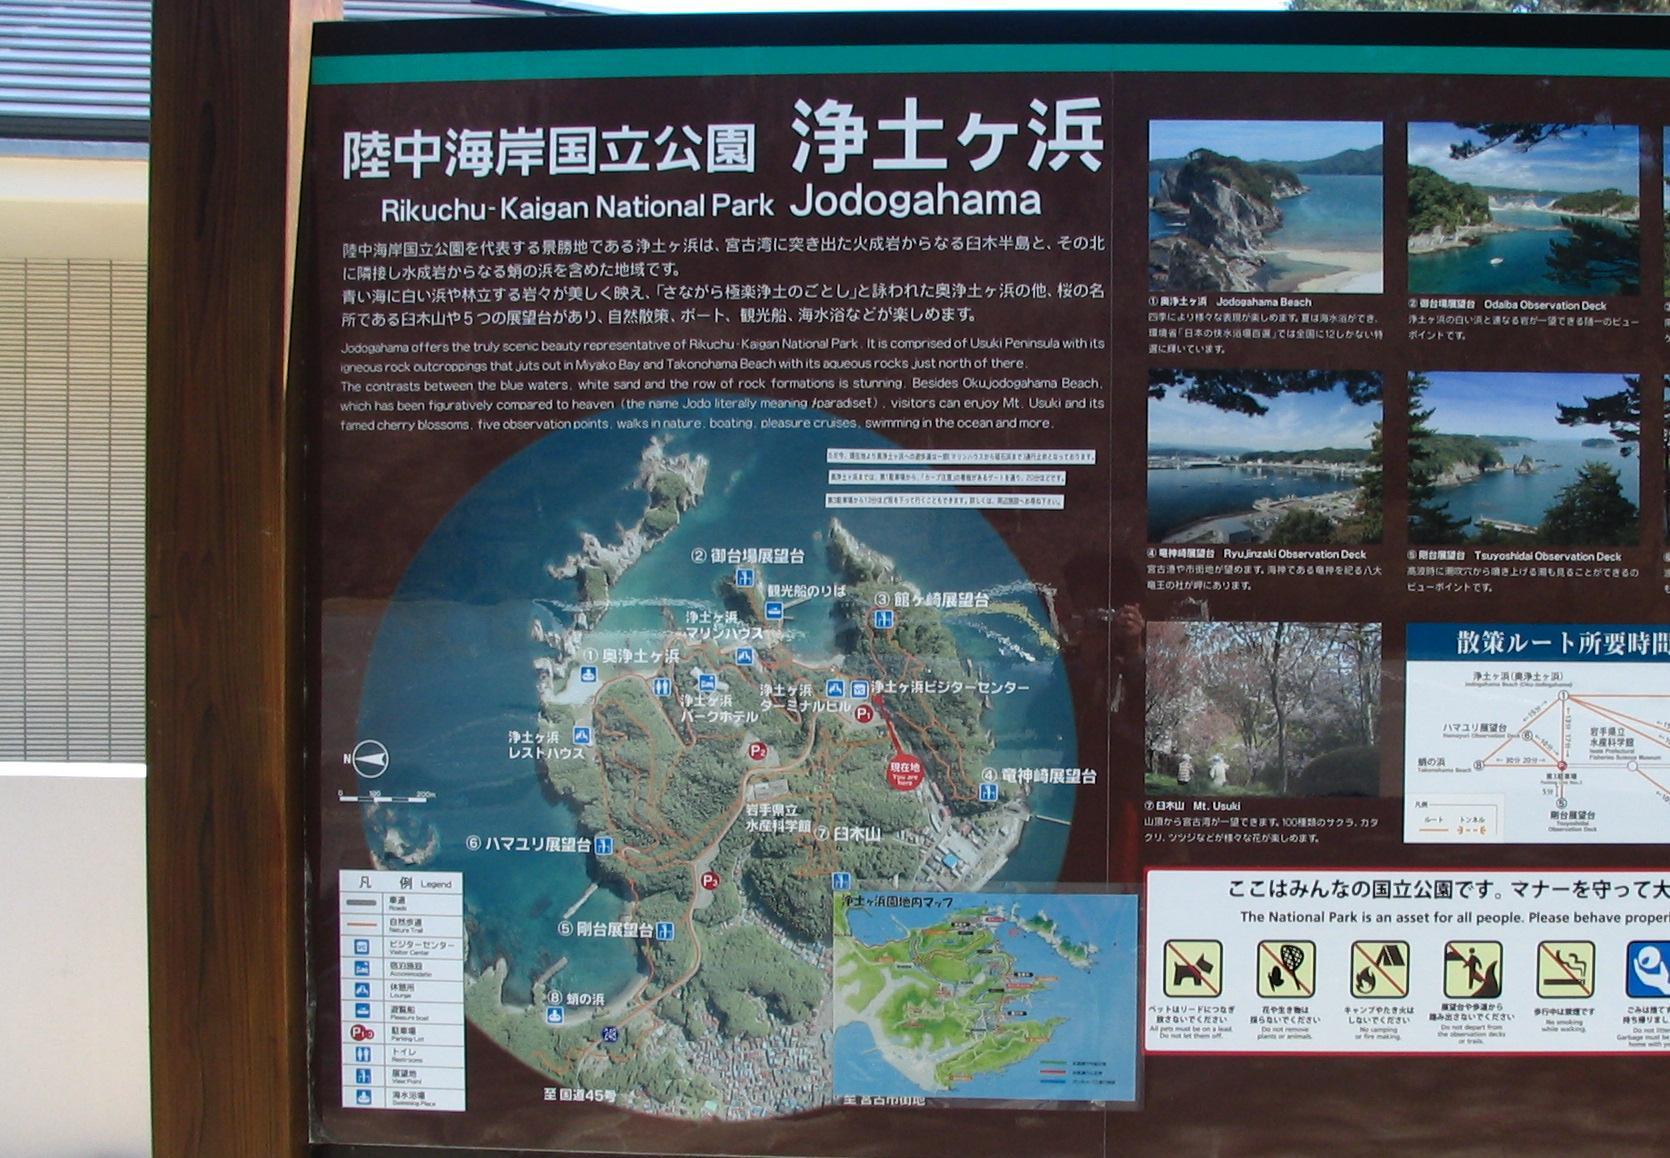 20120405浄土ヶ浜ビジターセンター